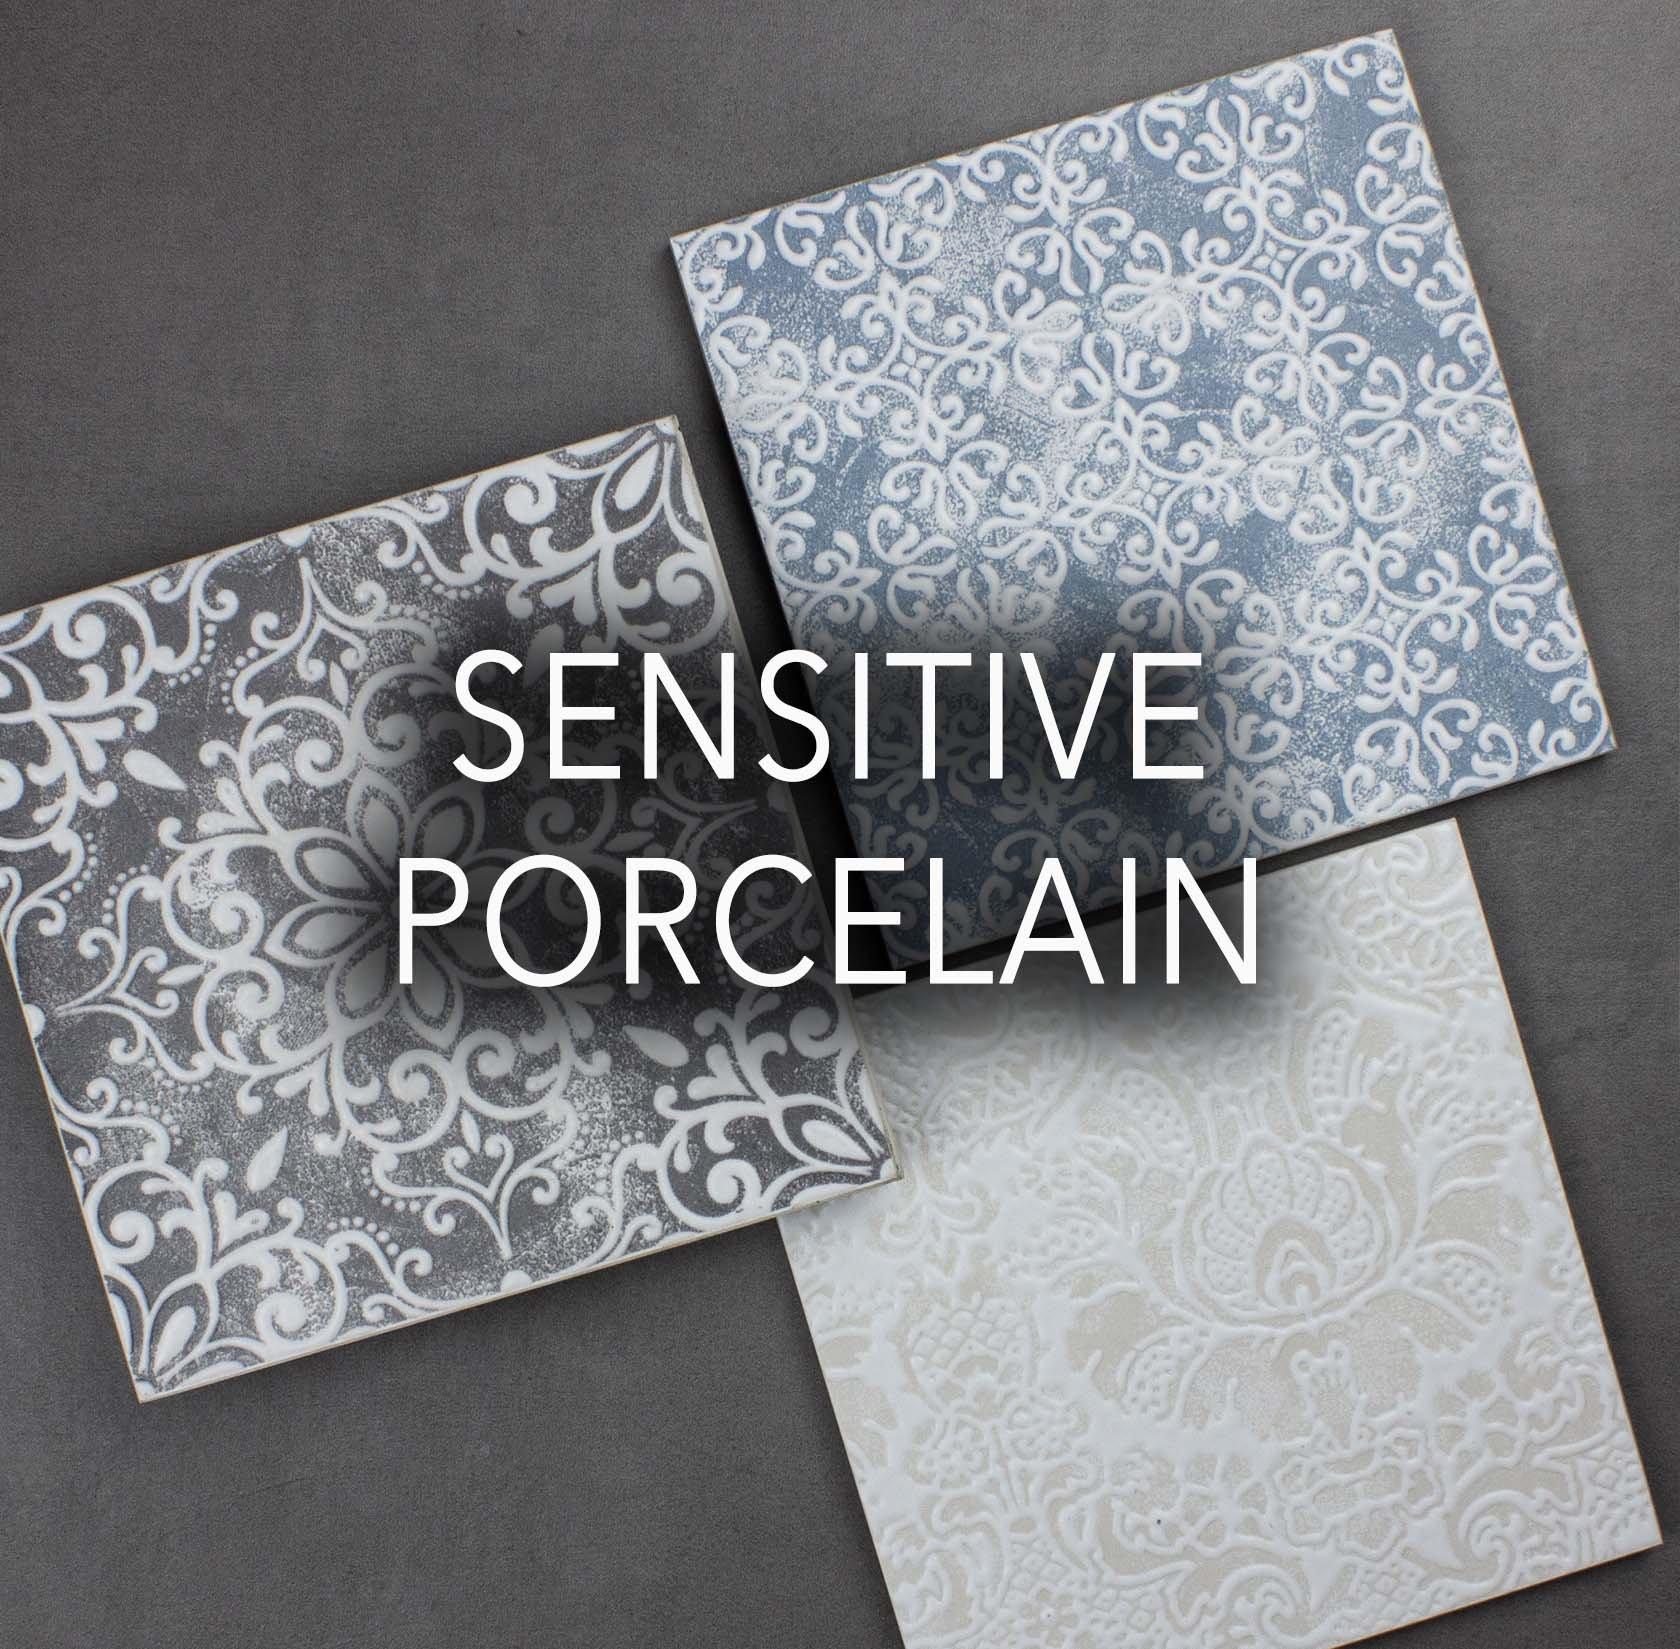 Sensitive porcelain tiles